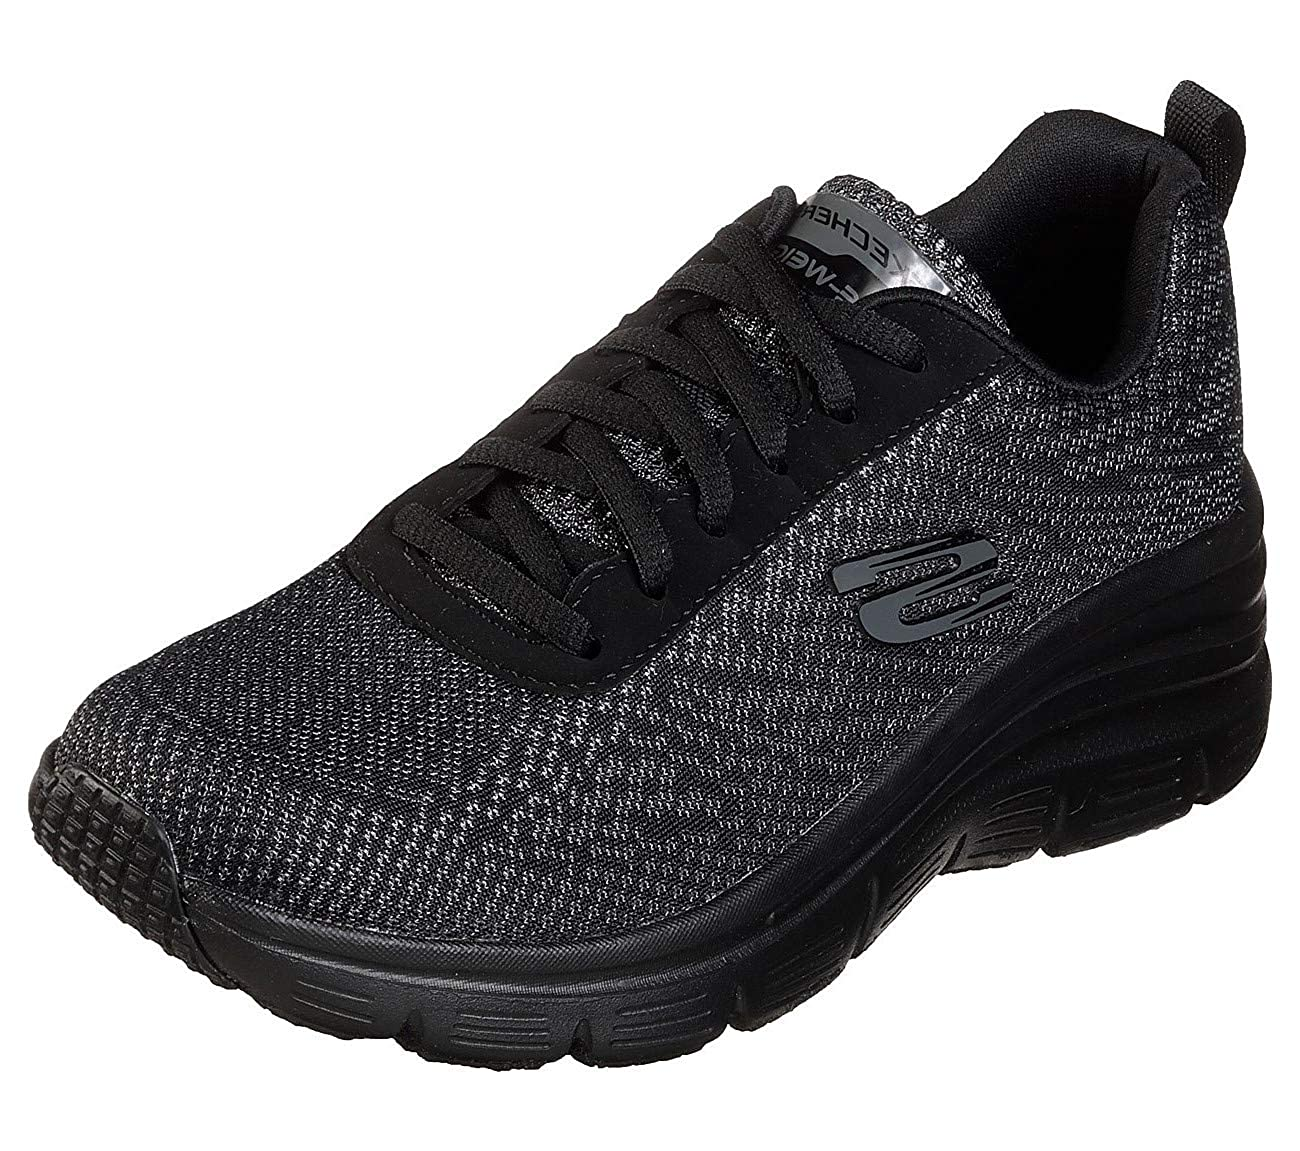 Calzature 12719 BbkAmazon co Sneakers ukShoesamp; Skechers